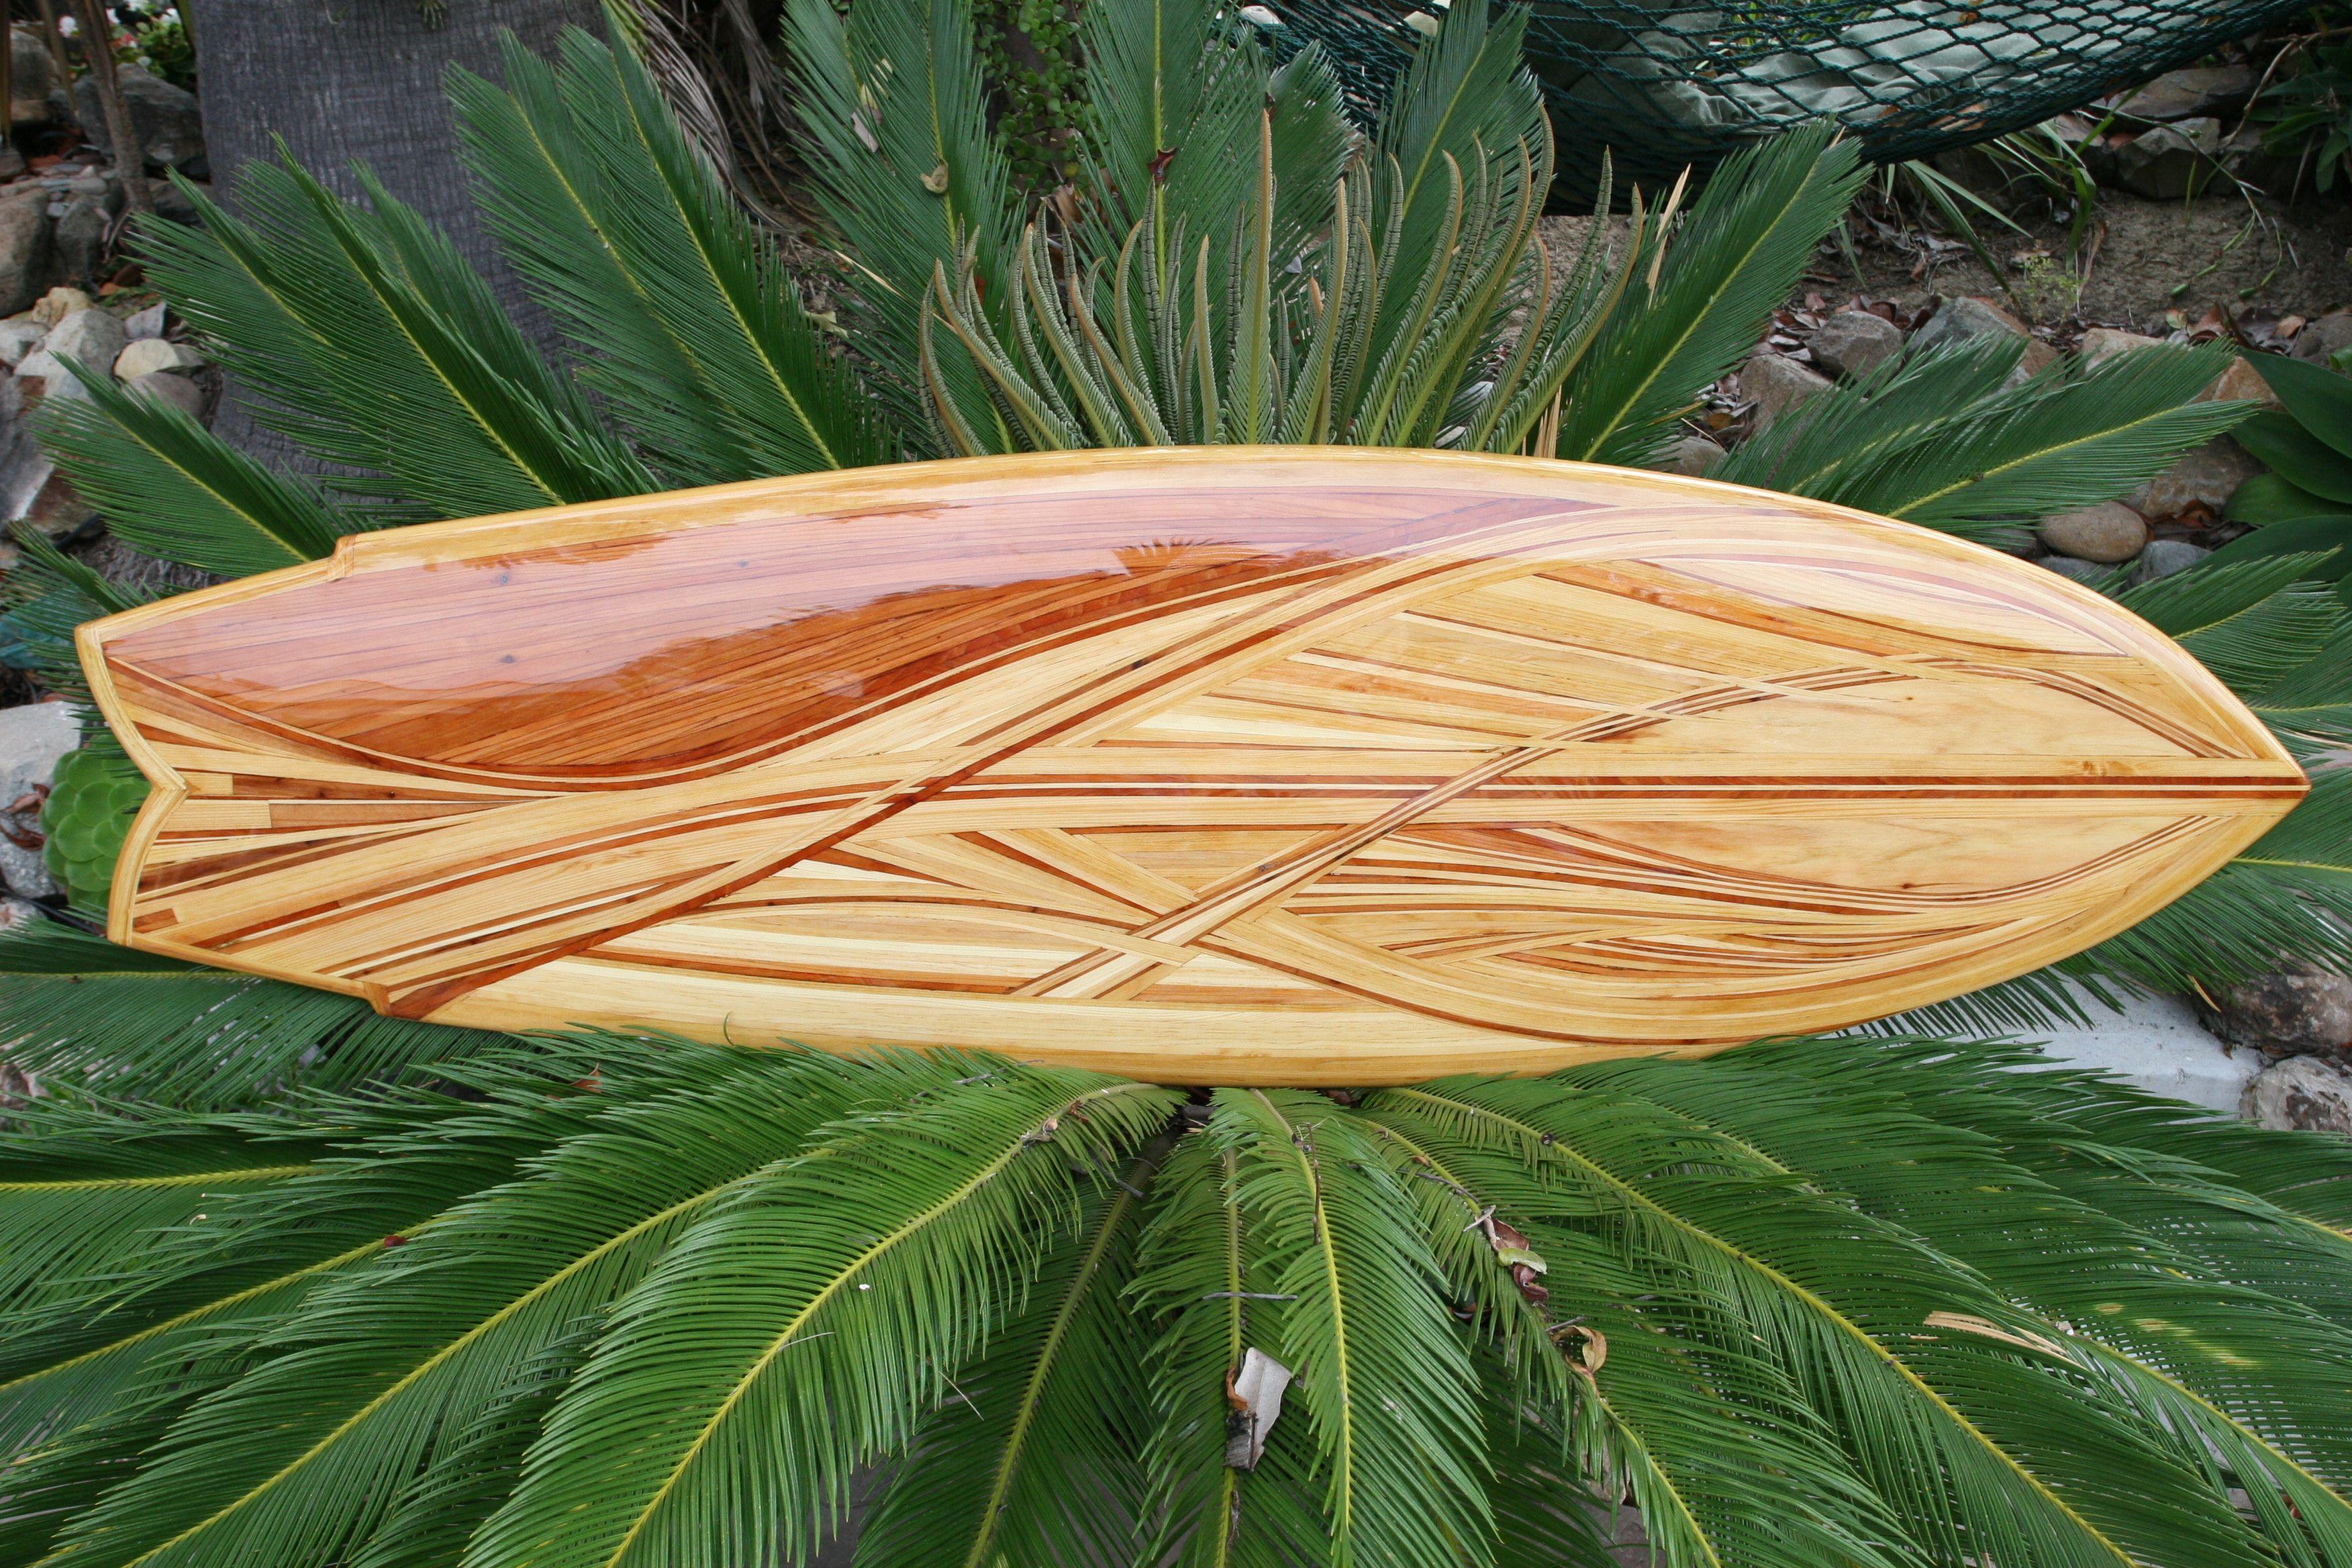 Wave Board - Hollow Wood Surfboard Fine Art - by Michael Rumsey ...